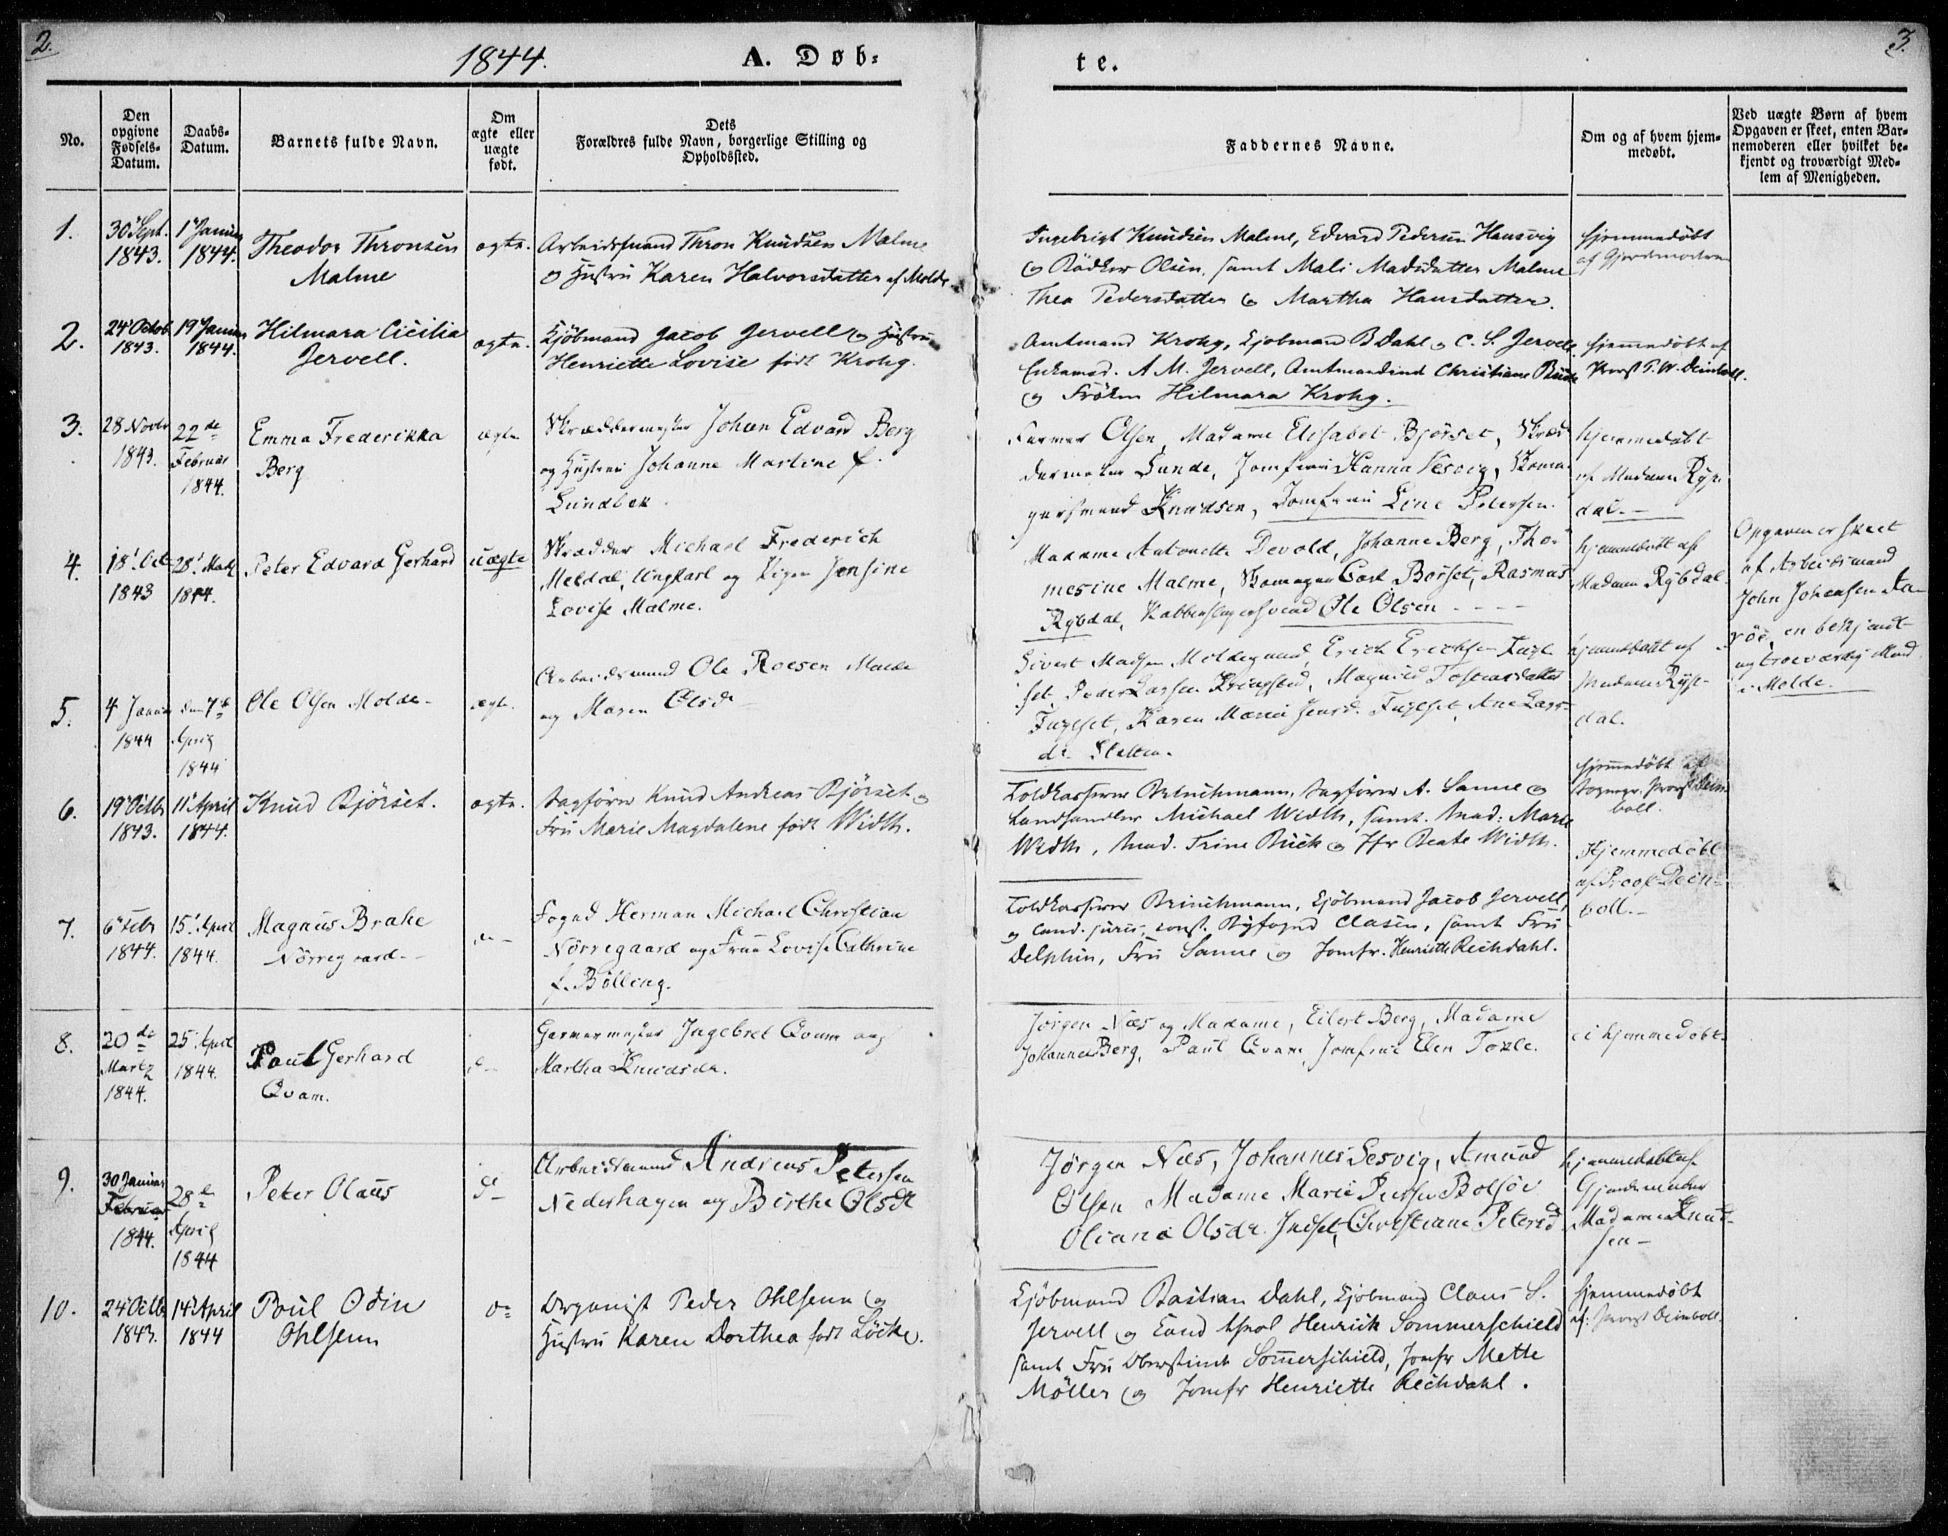 SAT, Ministerialprotokoller, klokkerbøker og fødselsregistre - Møre og Romsdal, 558/L0689: Ministerialbok nr. 558A03, 1843-1872, s. 2-3